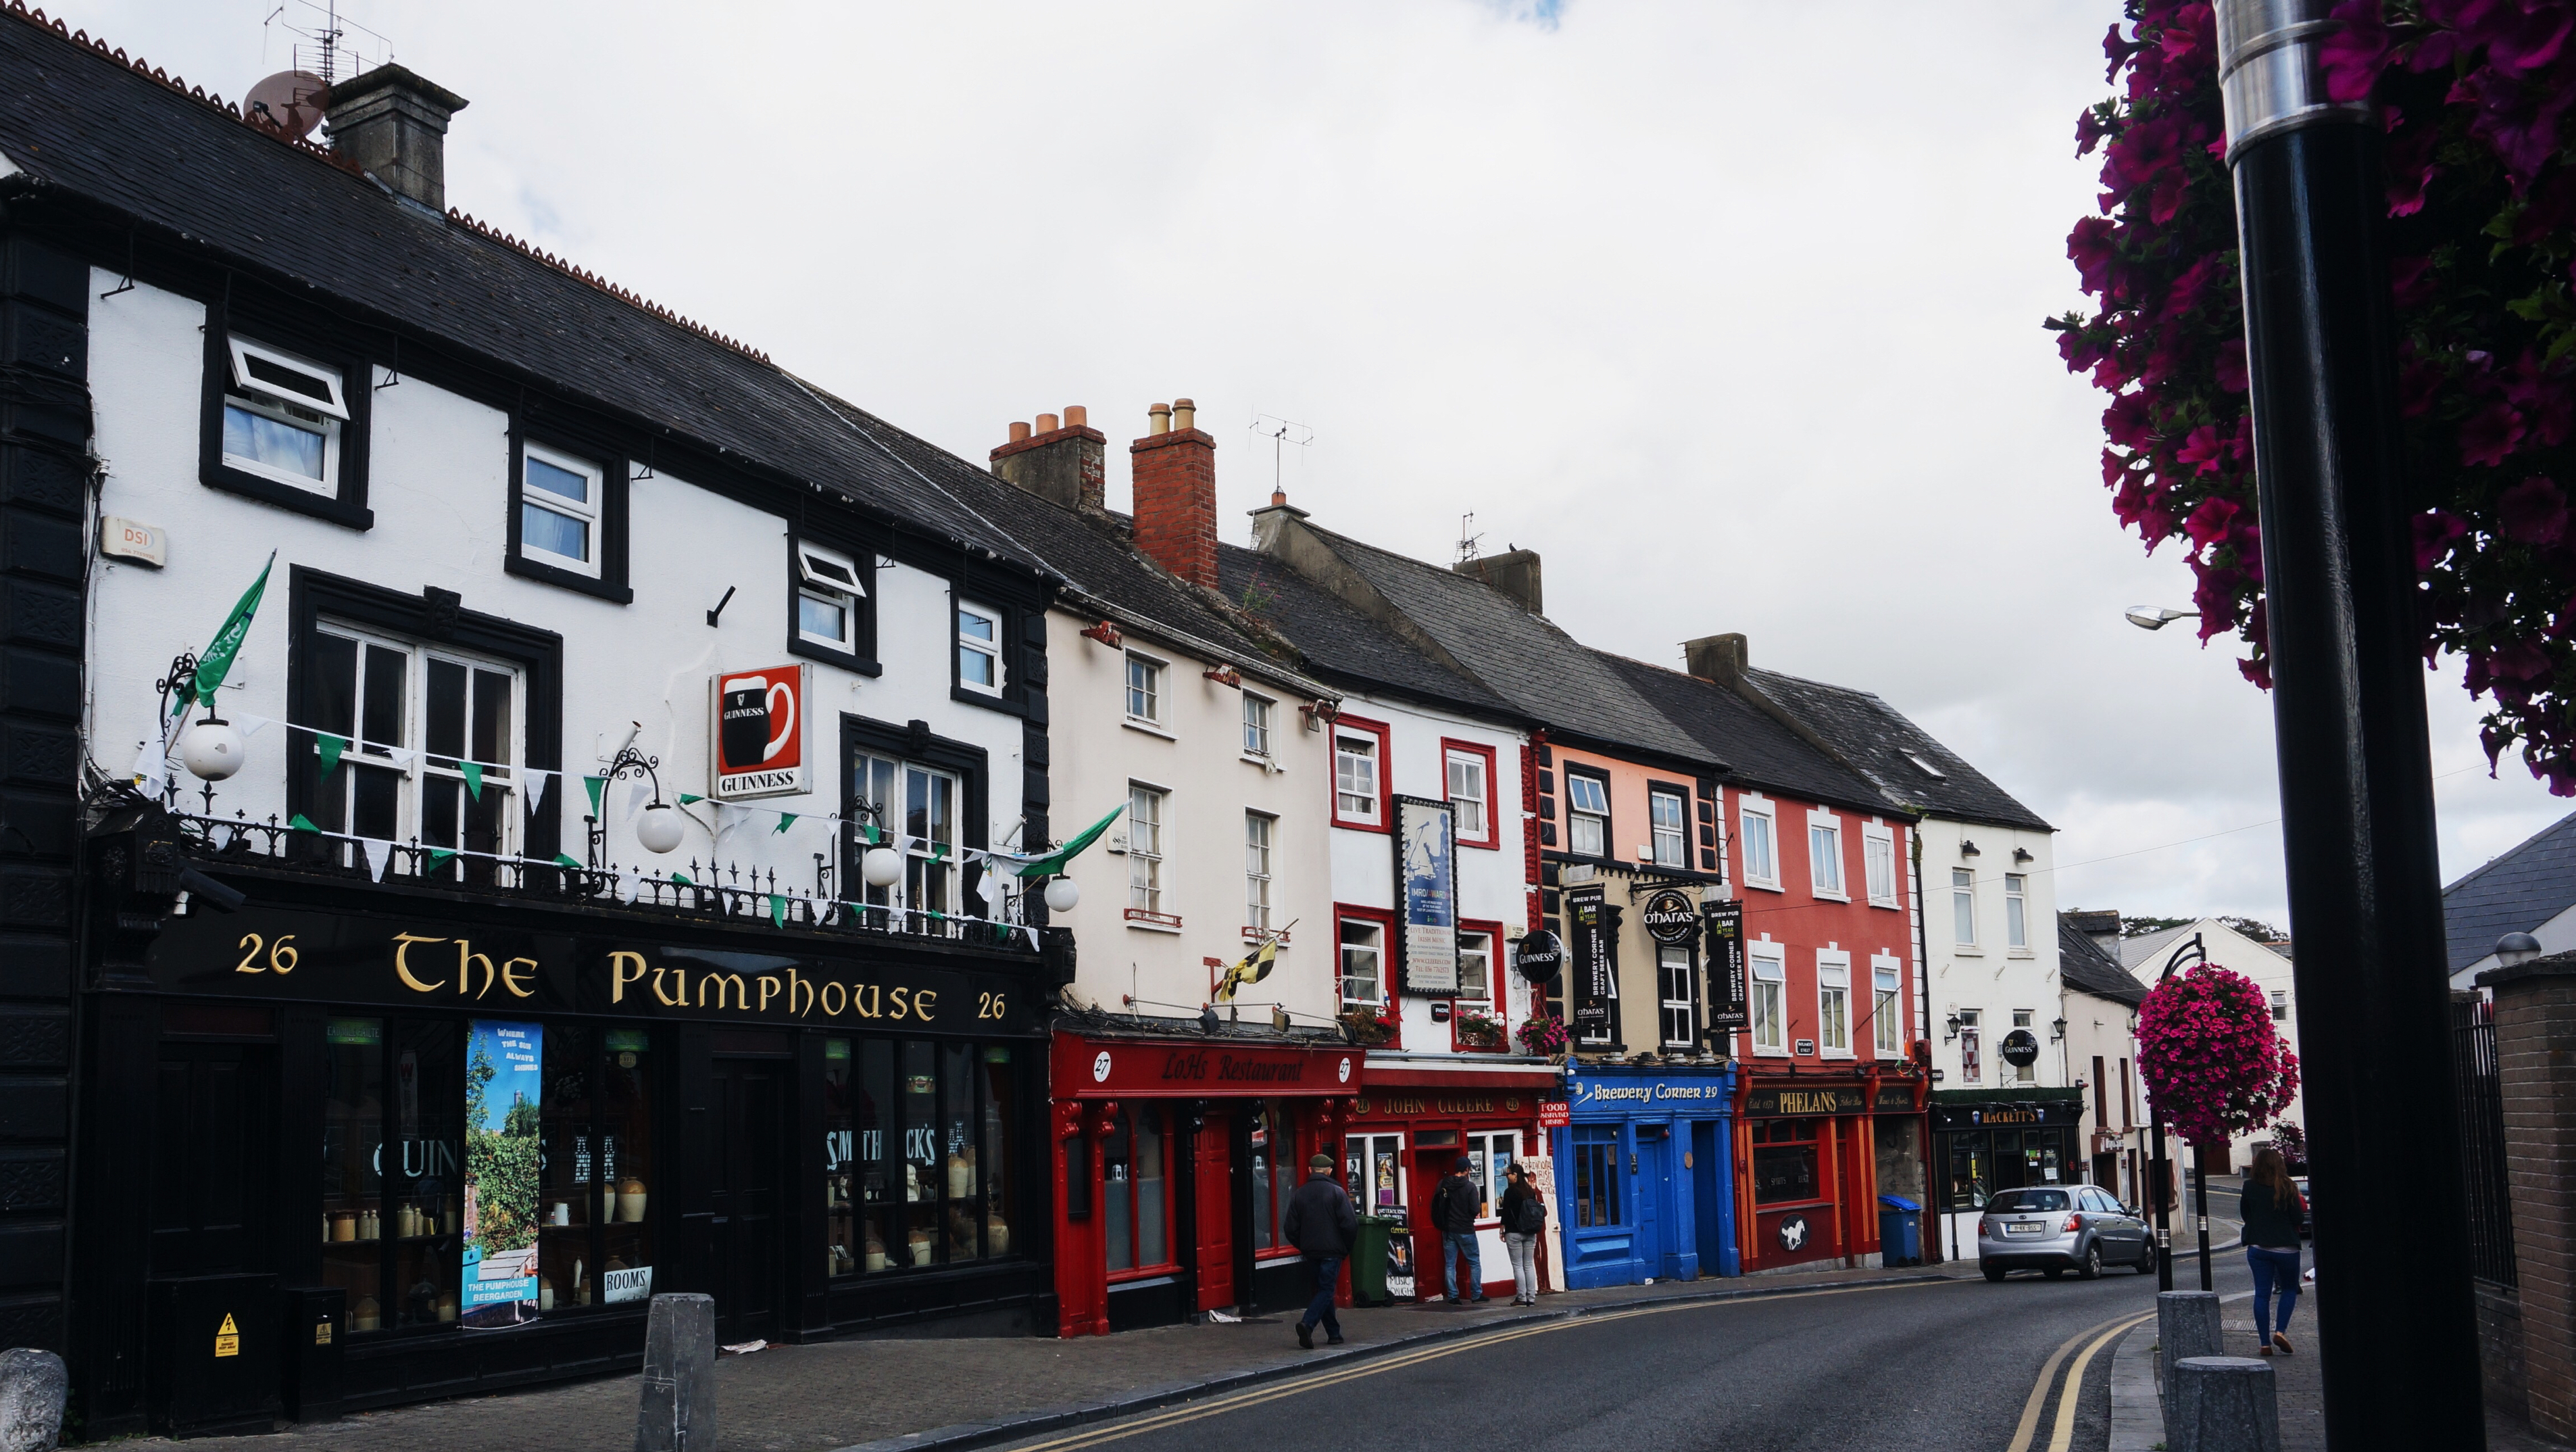 Irland, Kilkenny, Kilkenny, Highlights Sightseeing, Castle, Stadt, Lädt, Shops, Sehenswürdigkeiten Irland